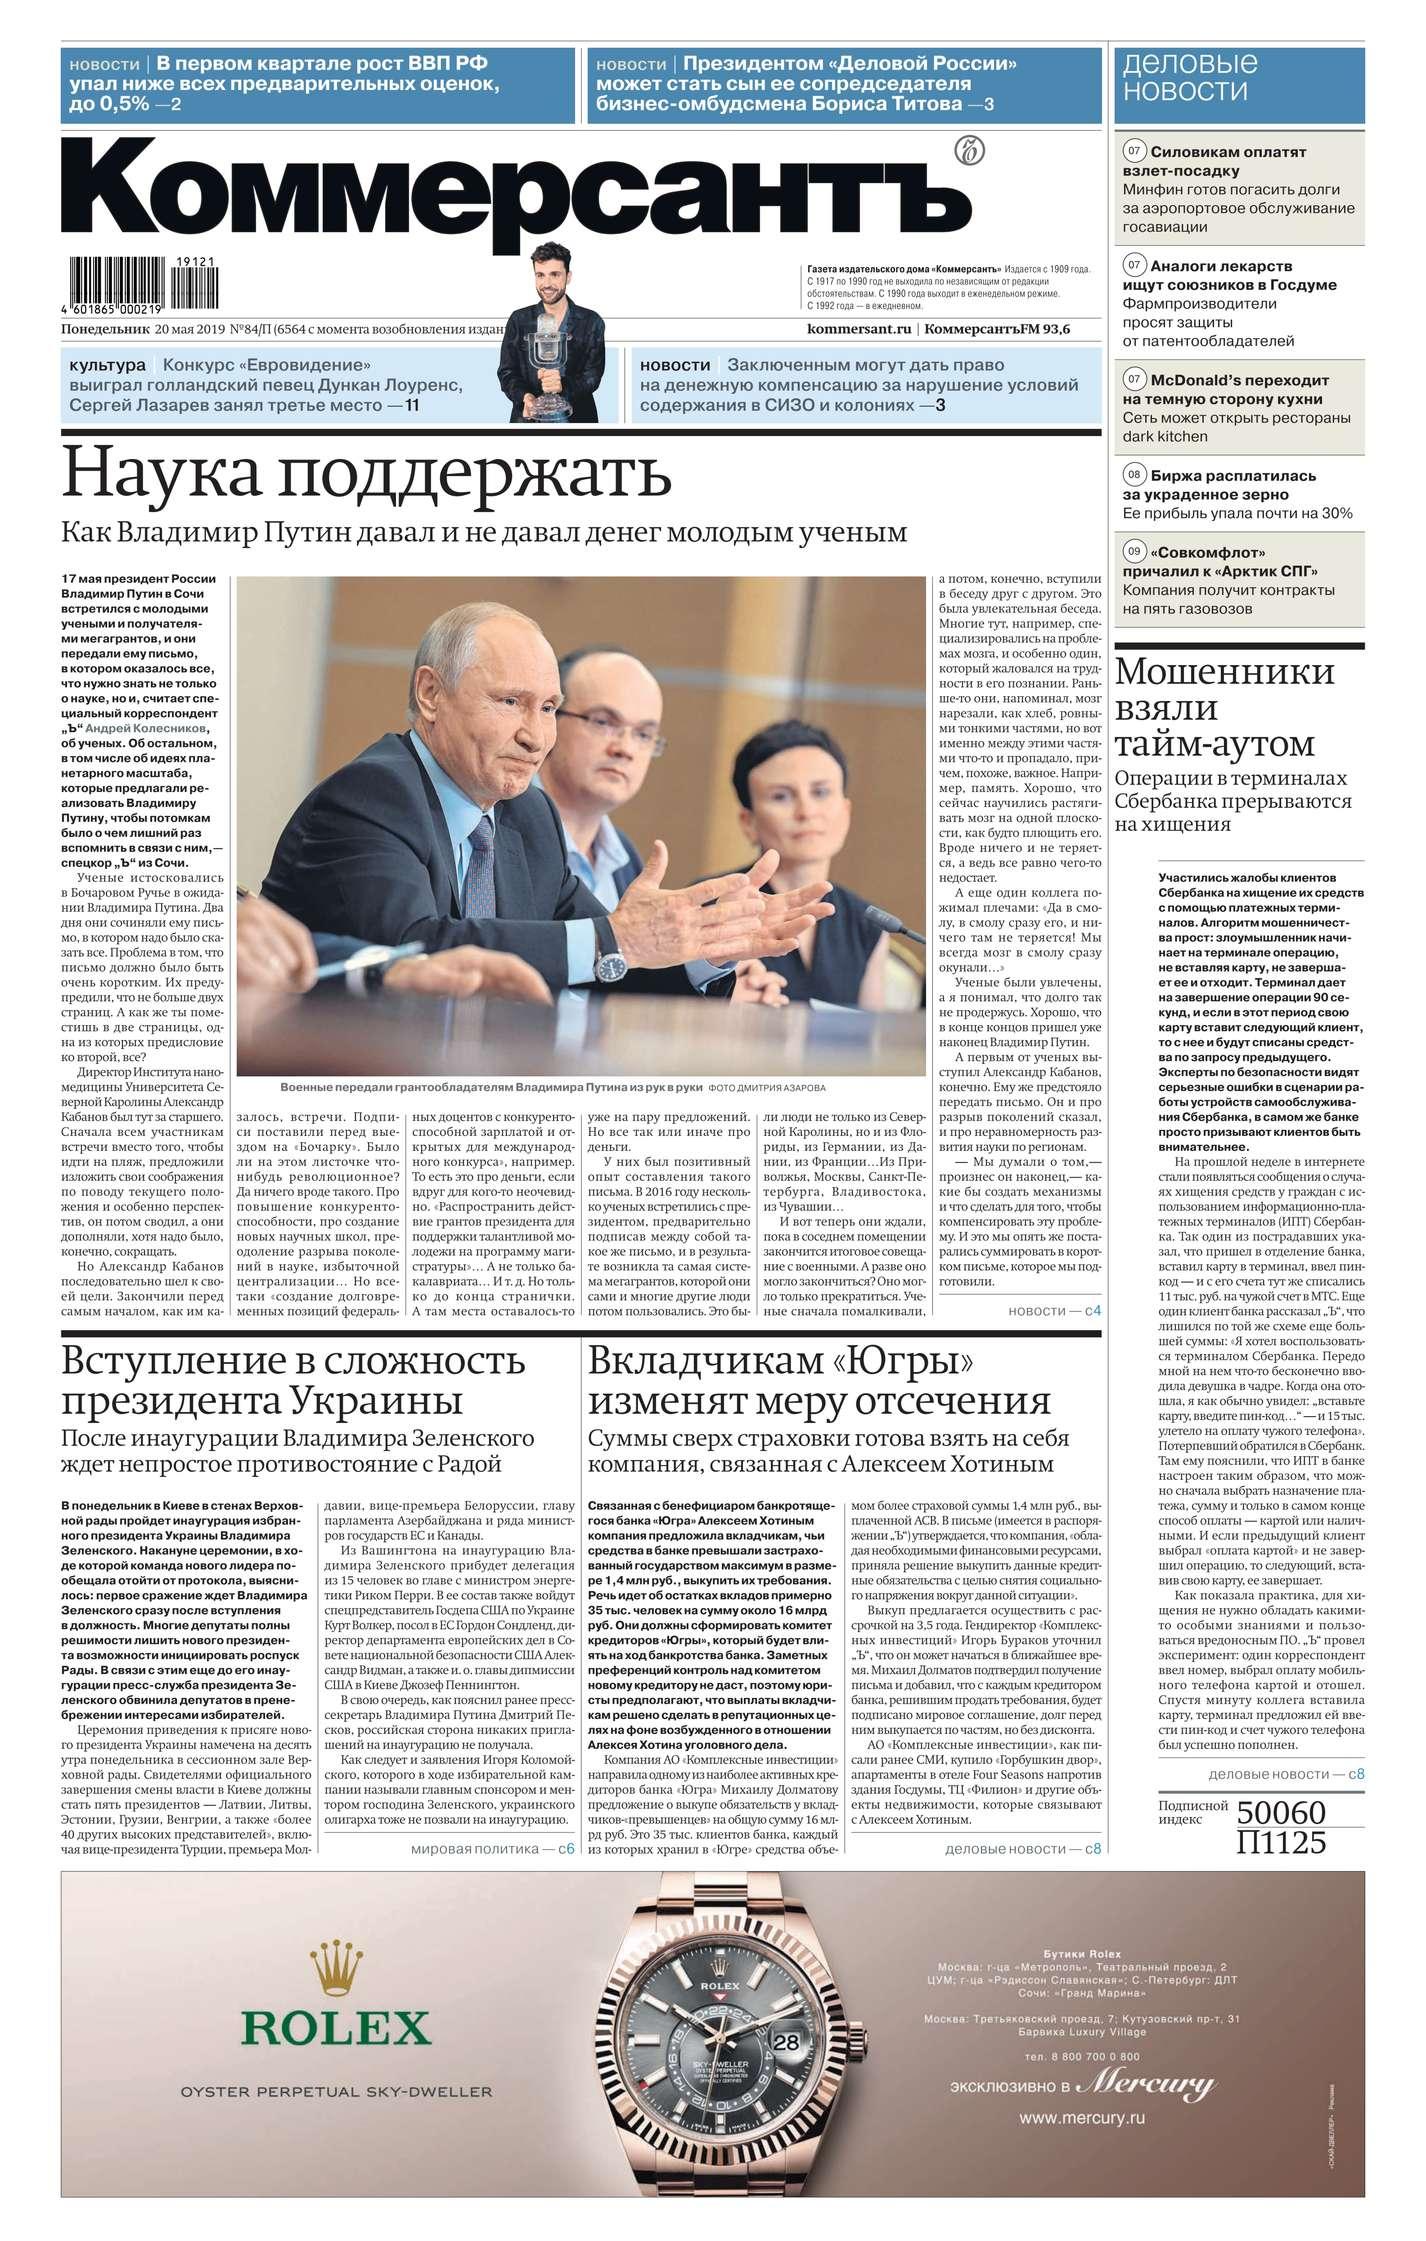 Редакция газеты Коммерсантъ (понедельник-пятница) Коммерсантъ (понедельник-пятница) 84п-2019